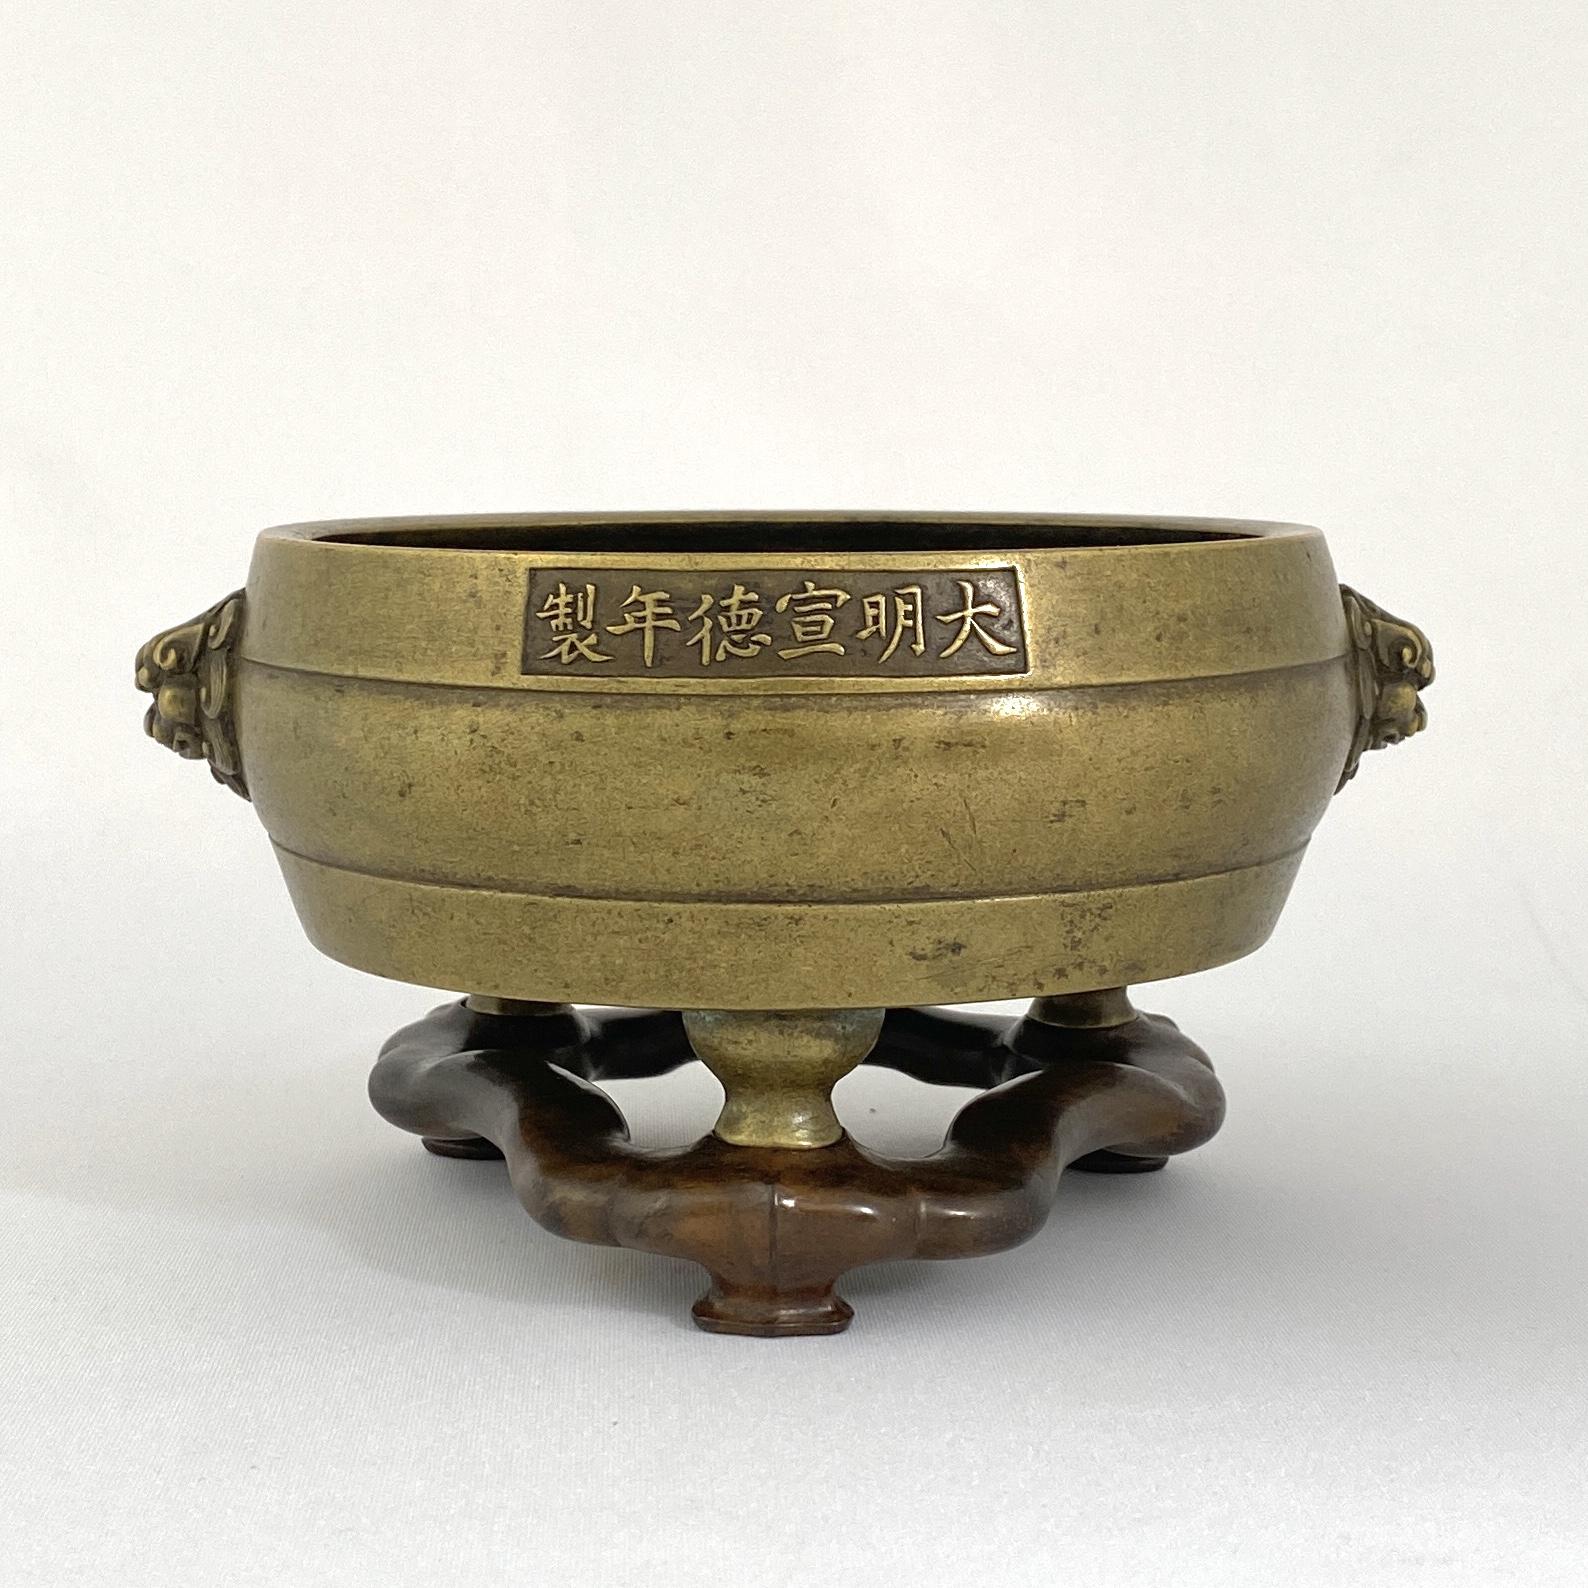 10018清早期「大明宣徳年製」款 三足獅子耳爐